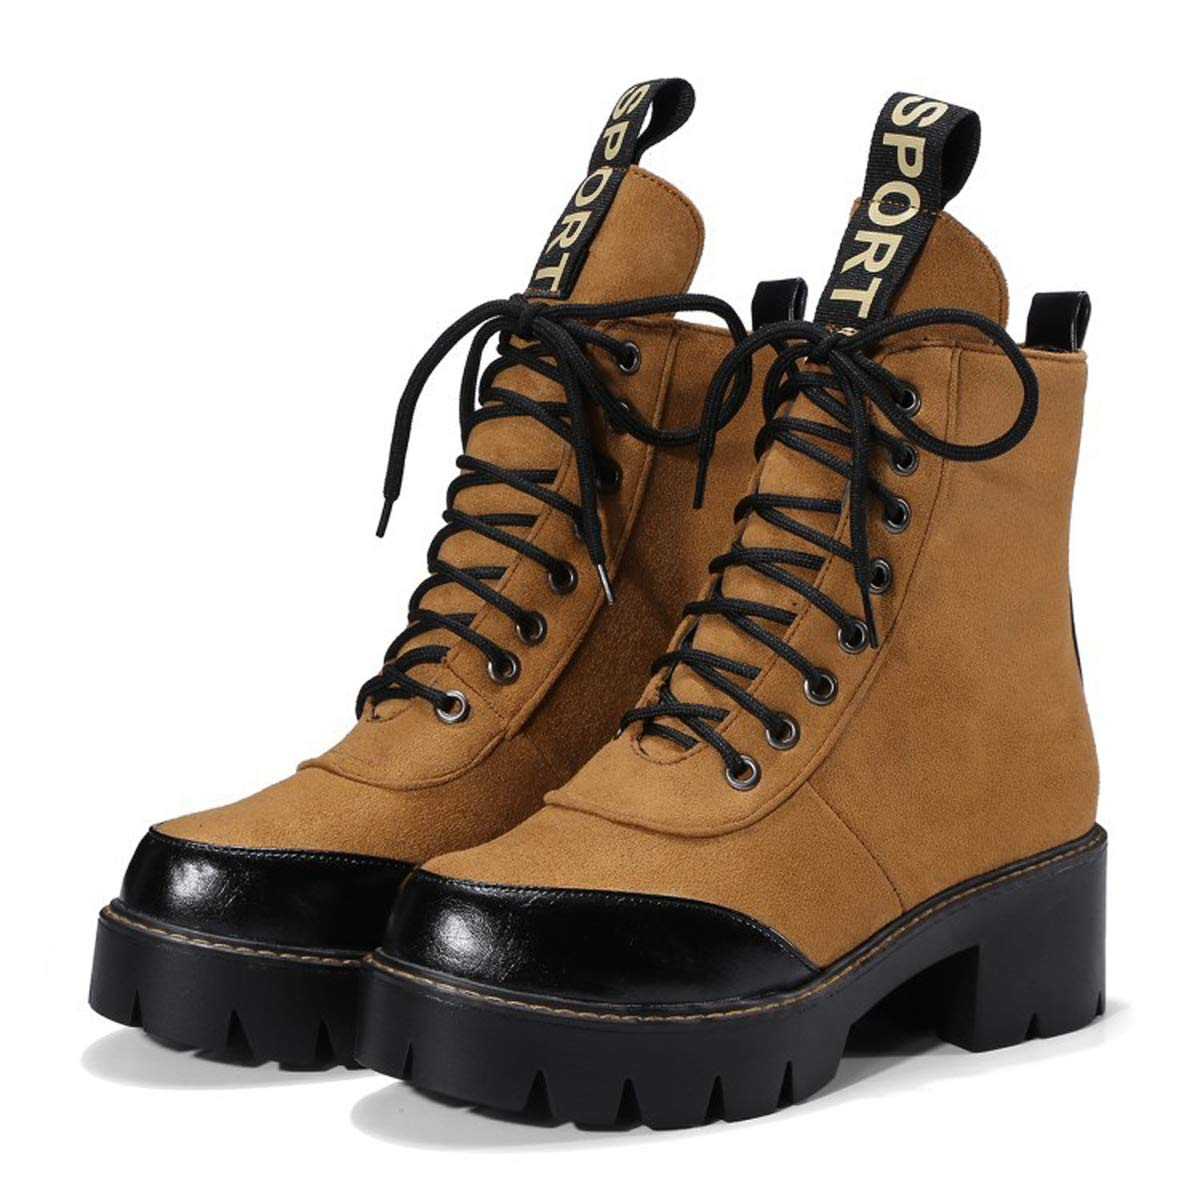 Mujer Martin Botas Caballo Zapato Cuadrado Zapatos Zapatos Zapatos de tacón Grueso Zapatos con Cordones Zapatos Hechos a Mano Impermeables en Zapatos para Caminar al Aire Libre,A,39EU 34940c